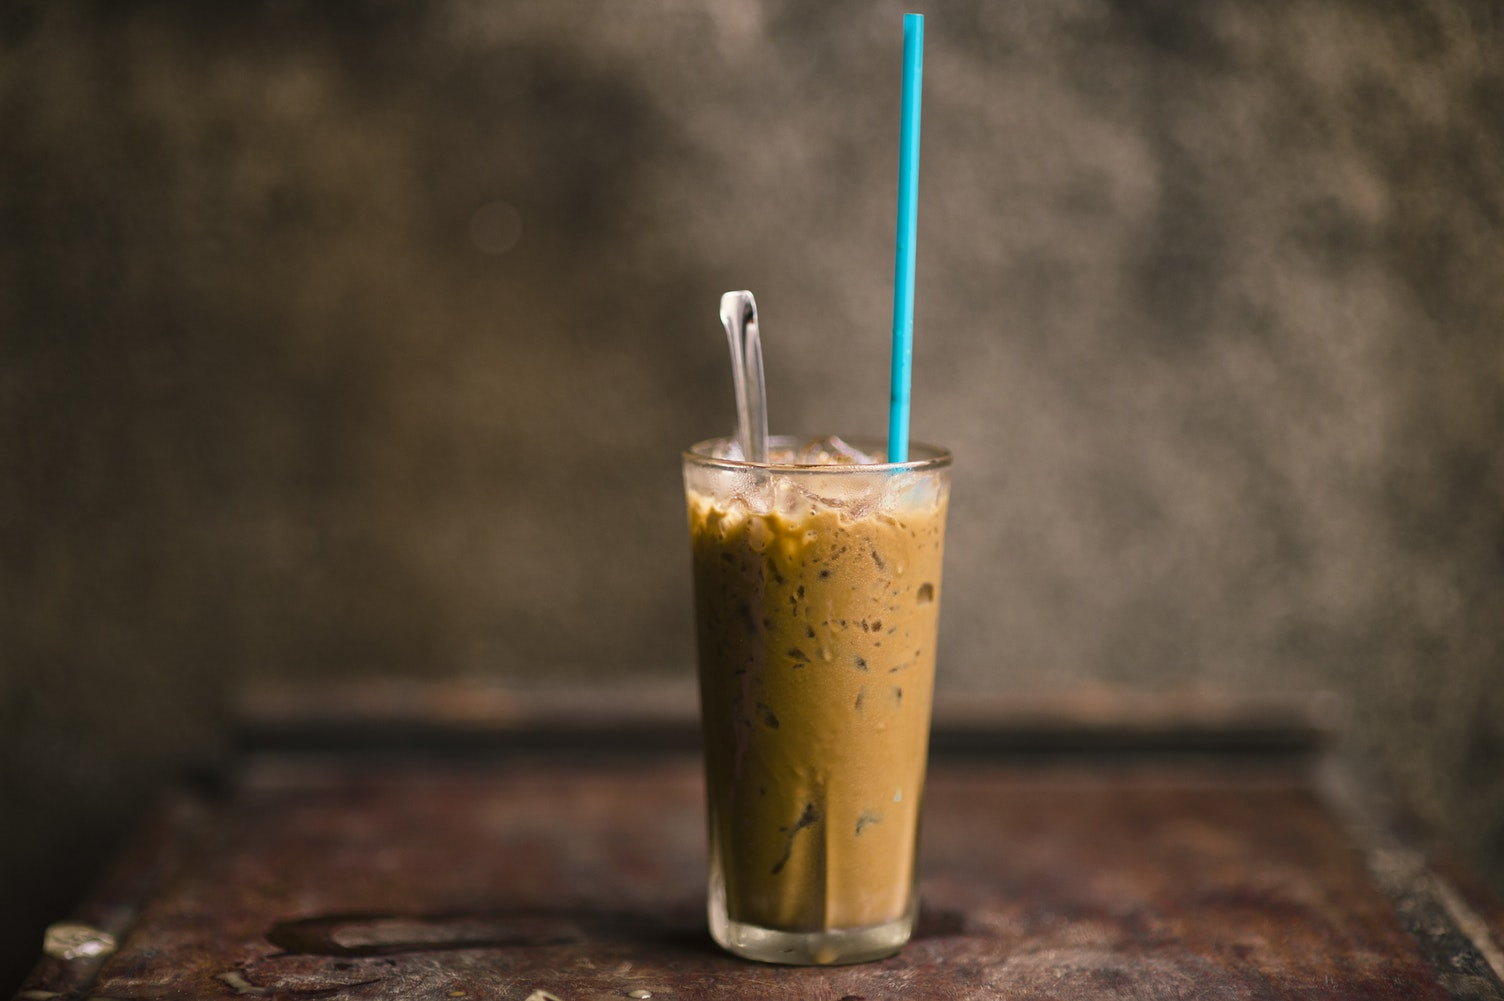 Soğuk kahve tarifleri: Aromalarla lezzeti zenginleştirin